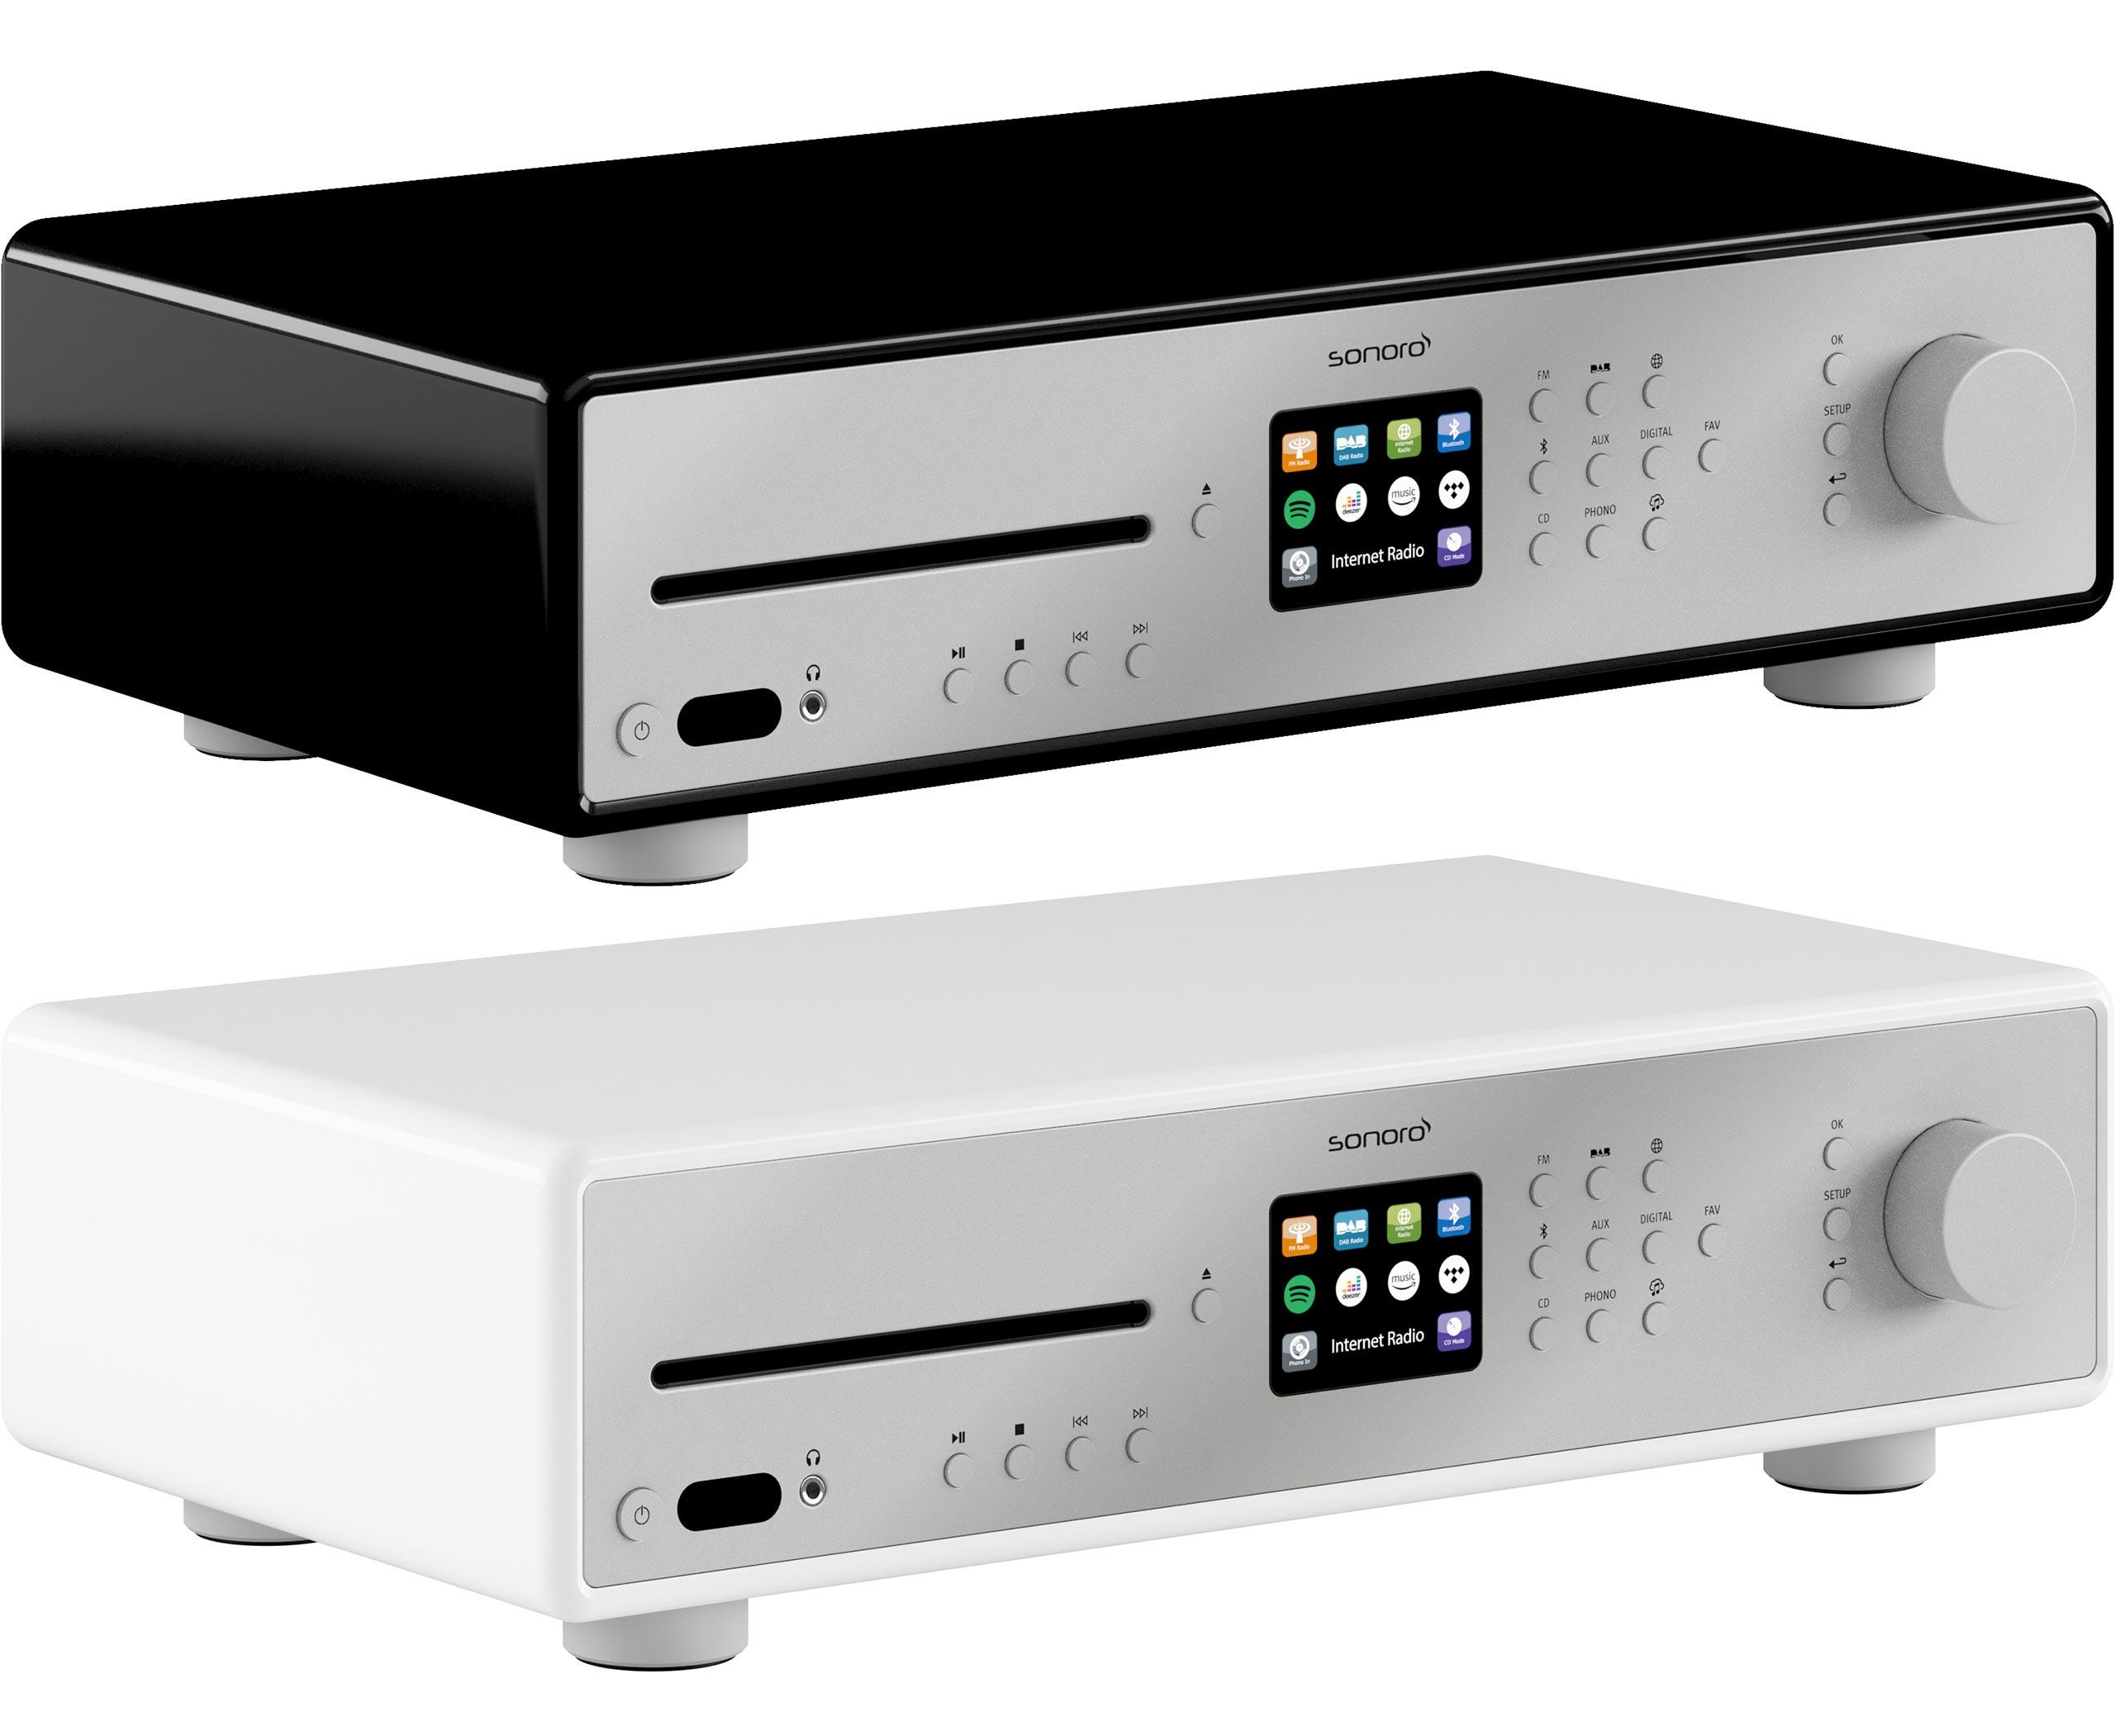 La Sonoro Maestro est disponible dans deux coloris brillants.